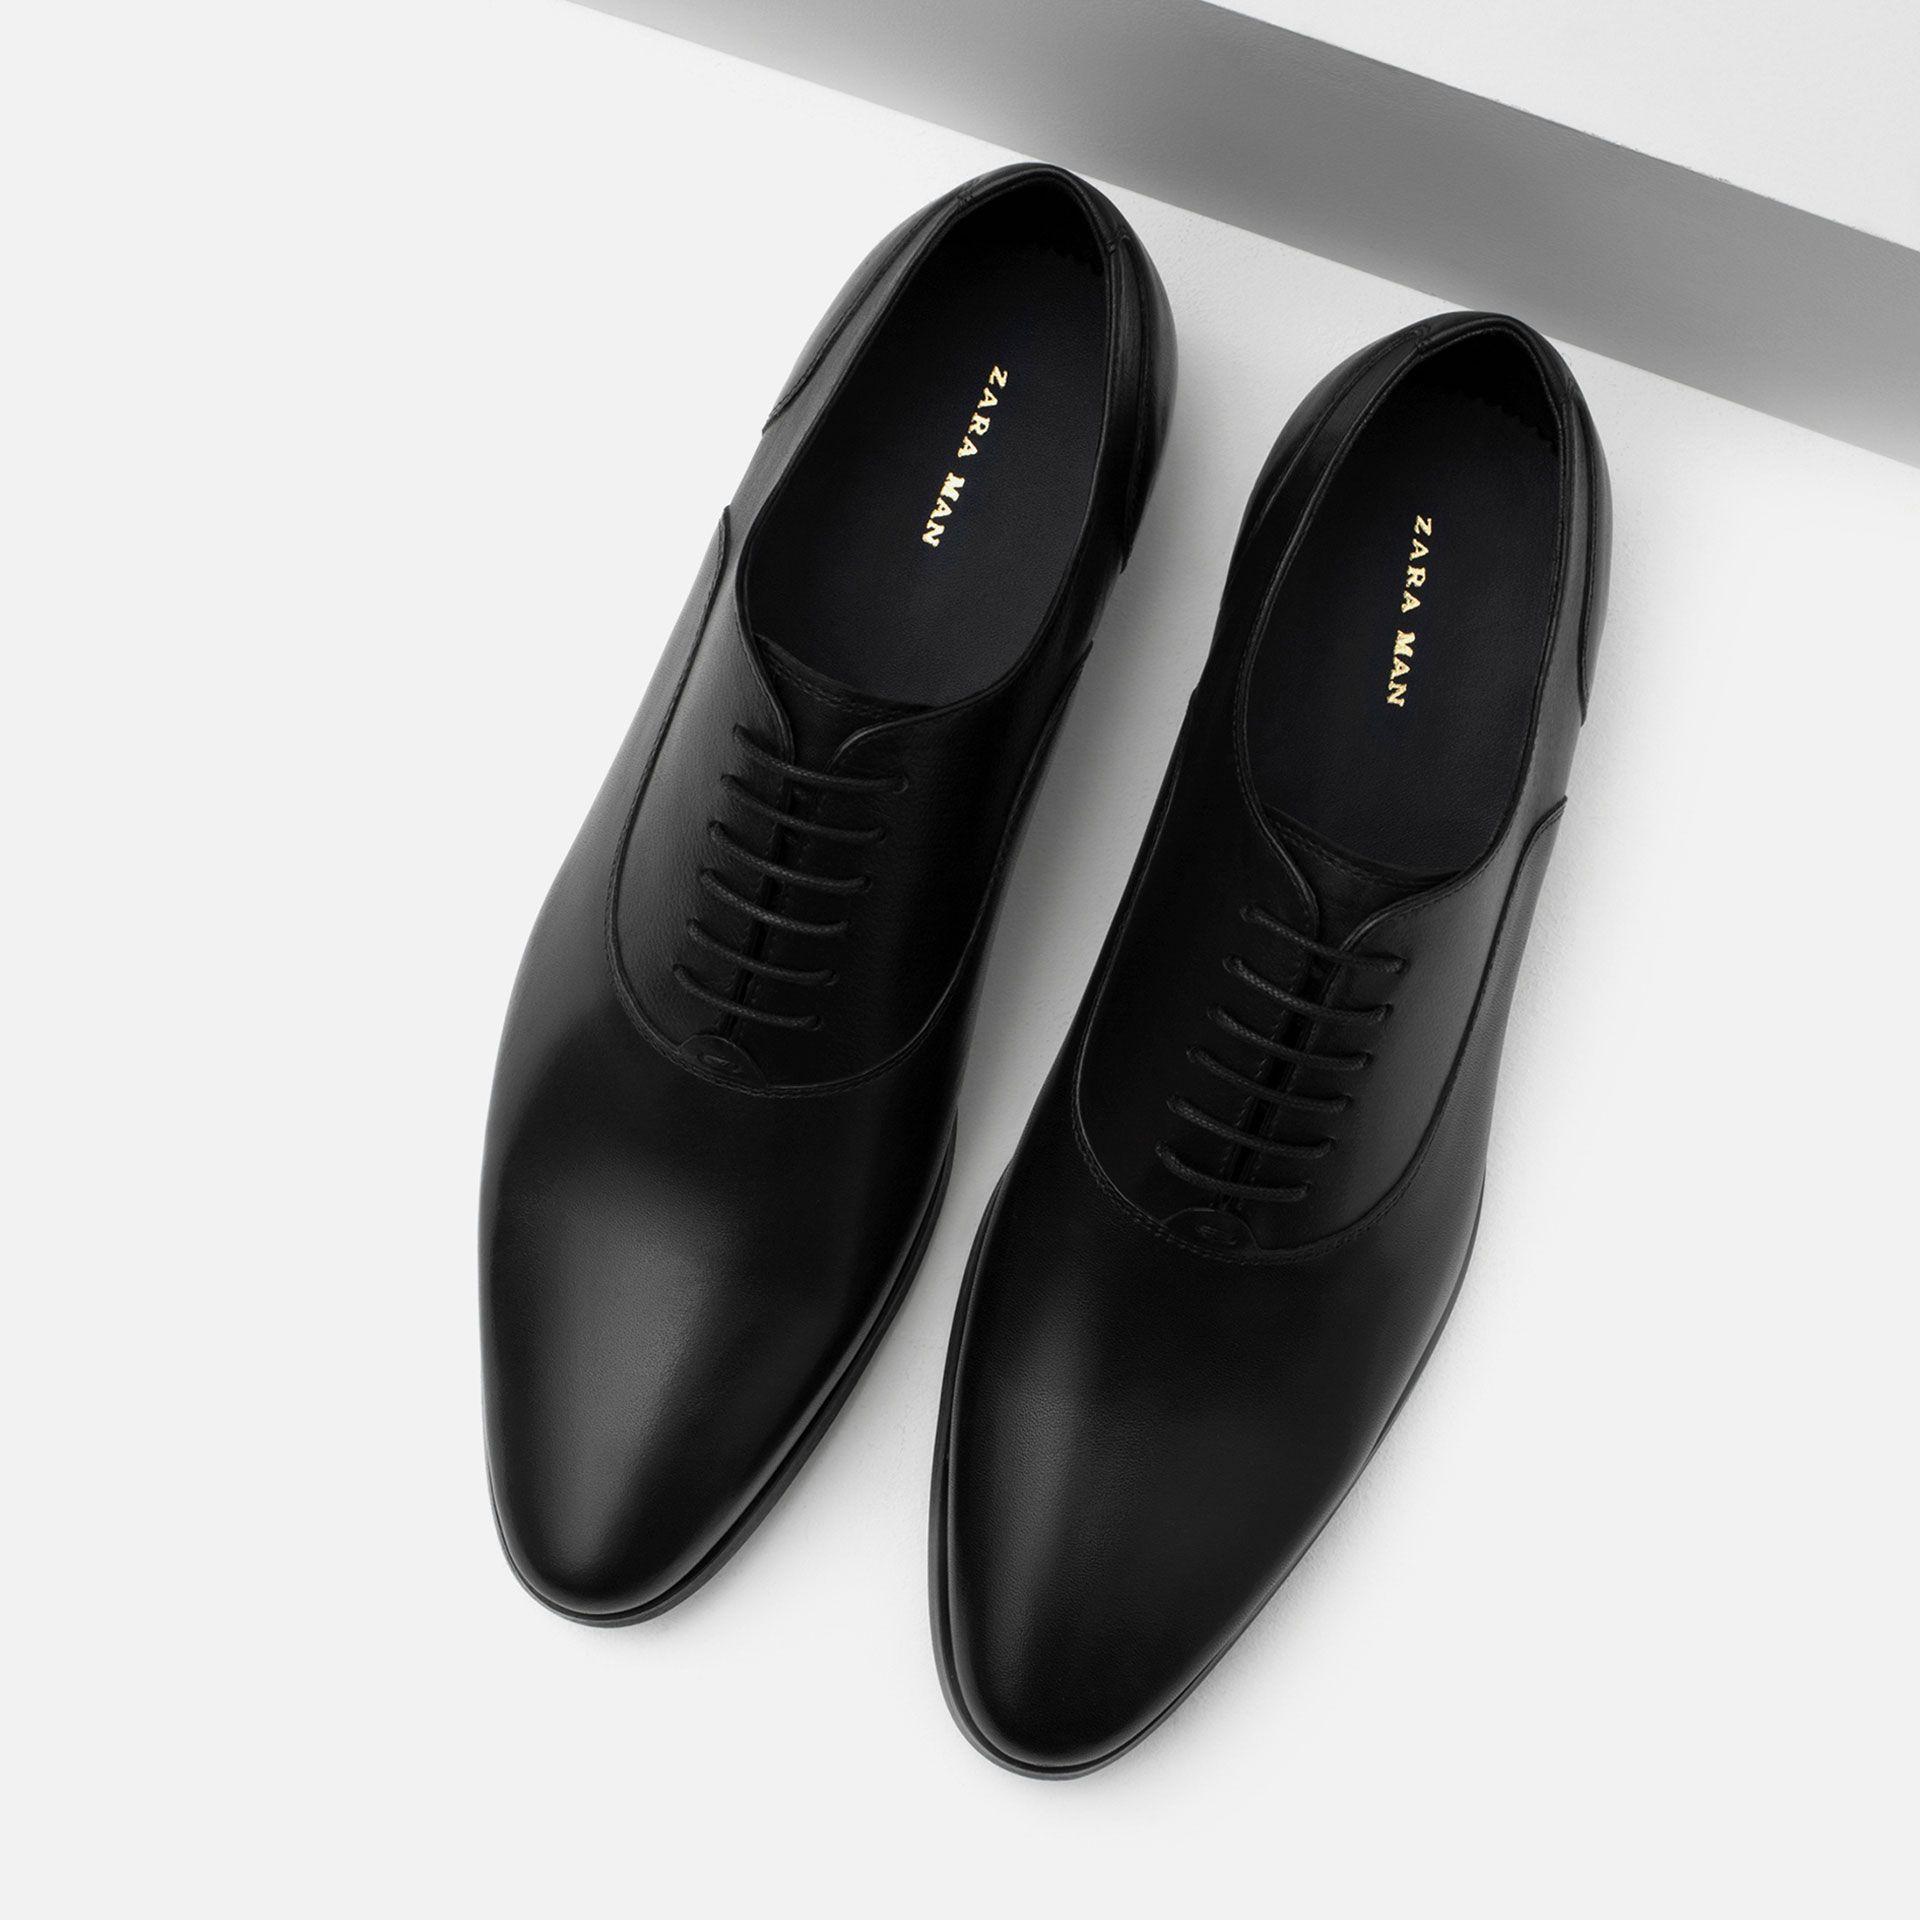 ZAPATO INGLÉS PIEL - Ver todo - Zapatos - HOMBRE  618e148a9f702